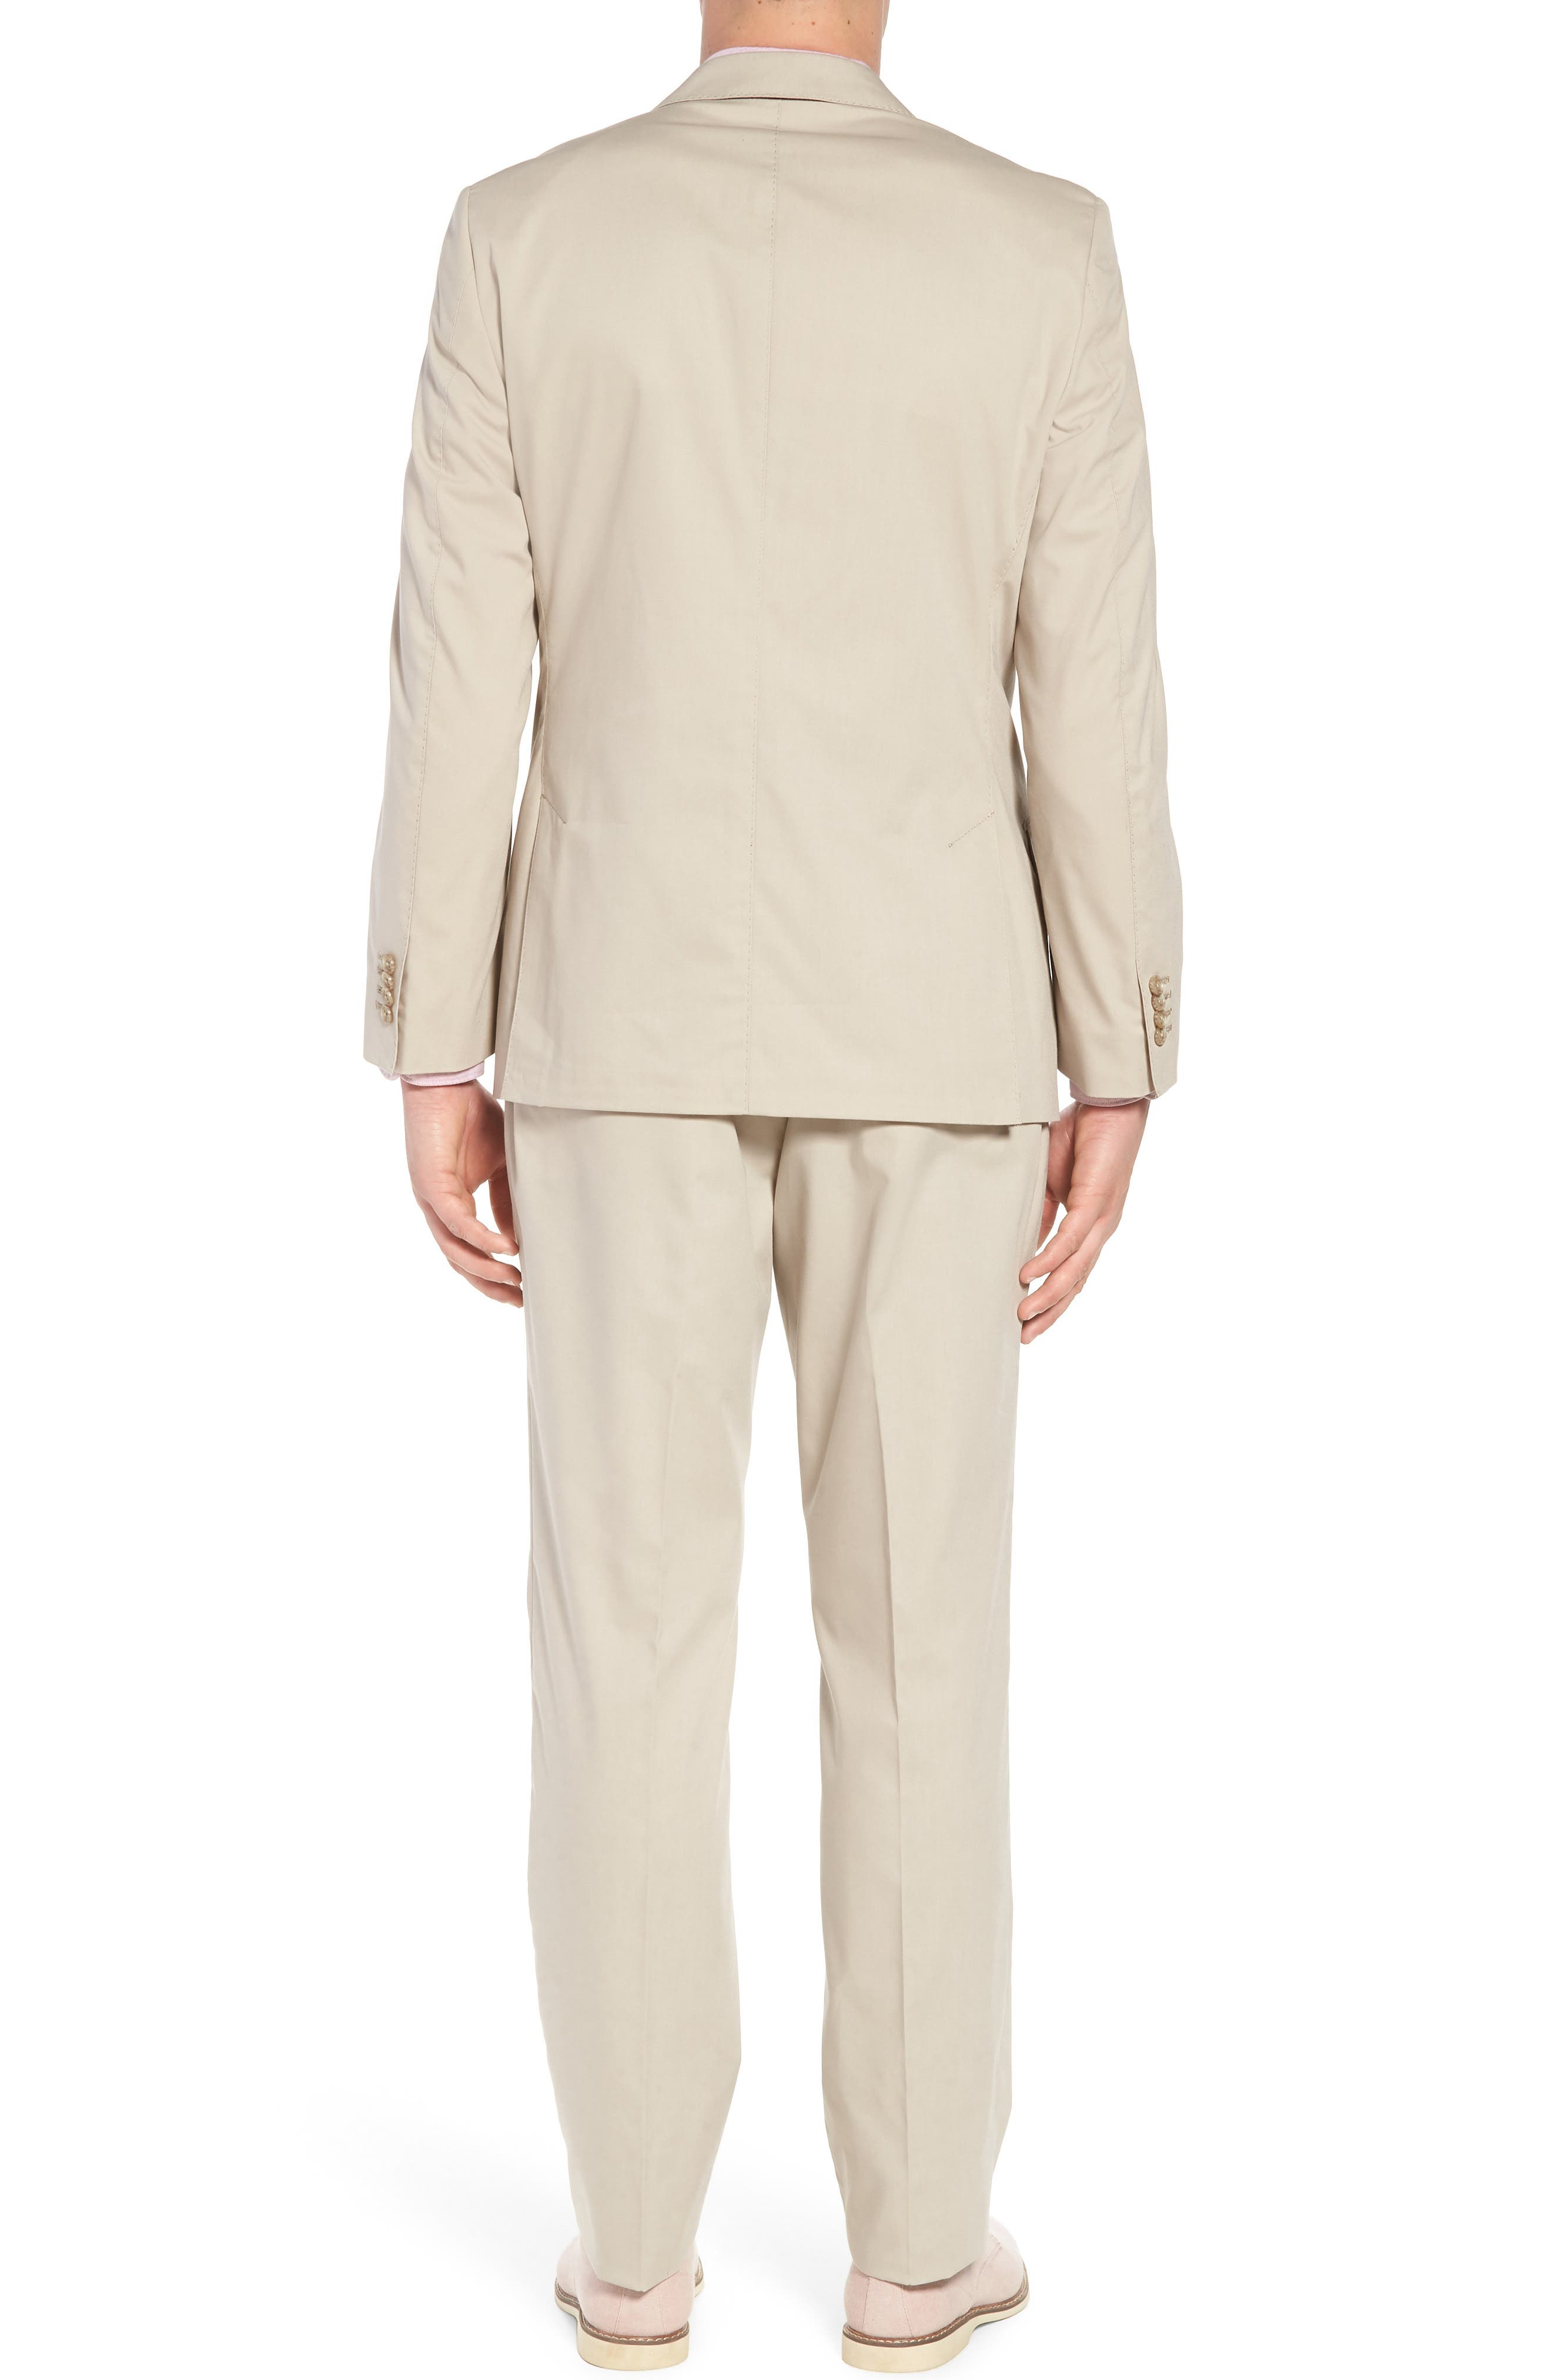 Irons AIM Classic Fit Solid Cotton Blend Suit,                             Alternate thumbnail 2, color,                             Beige